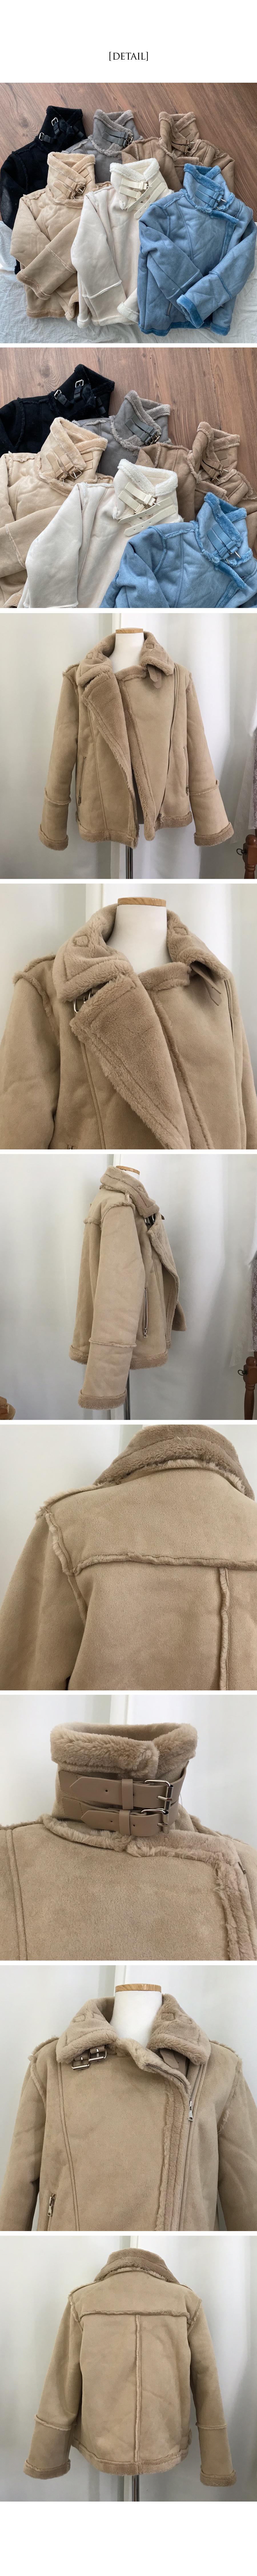 Mush Daily Shearling Jacket